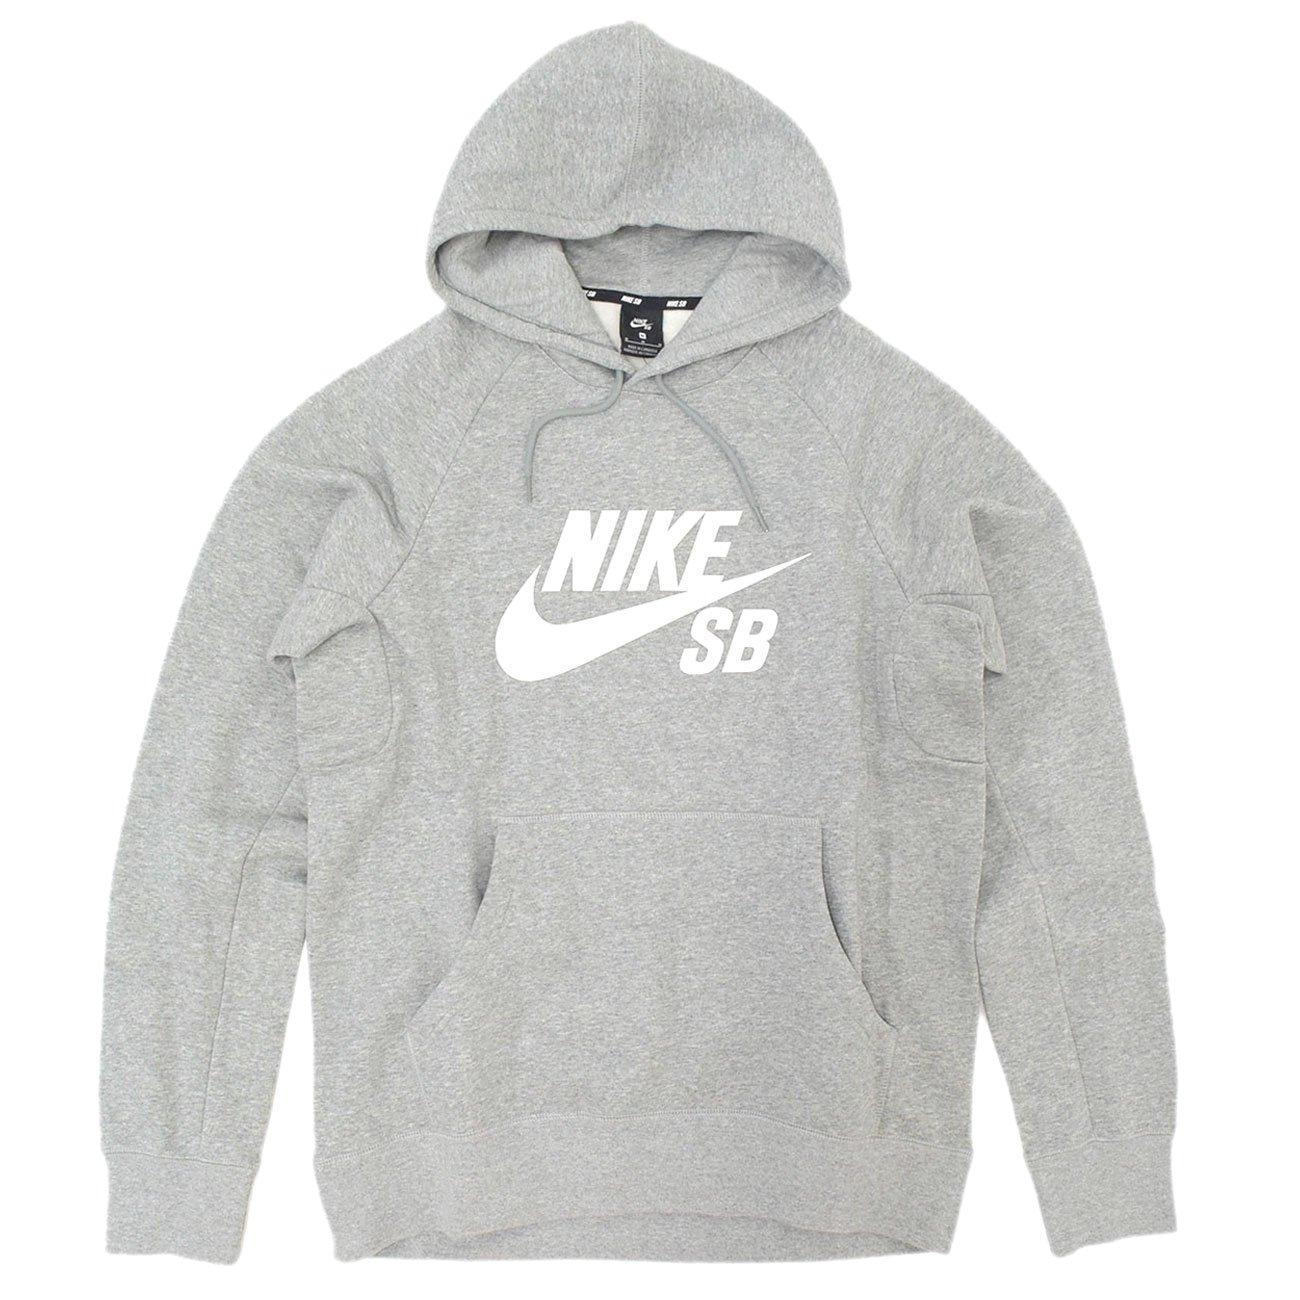 [ナイキ] NIKE プルオーバー パーカー メンズ SB USA アイコン SB [並行輸入品] B075895XPY S|グレー/ホワイト(063) グレー/ホワイト(063) S